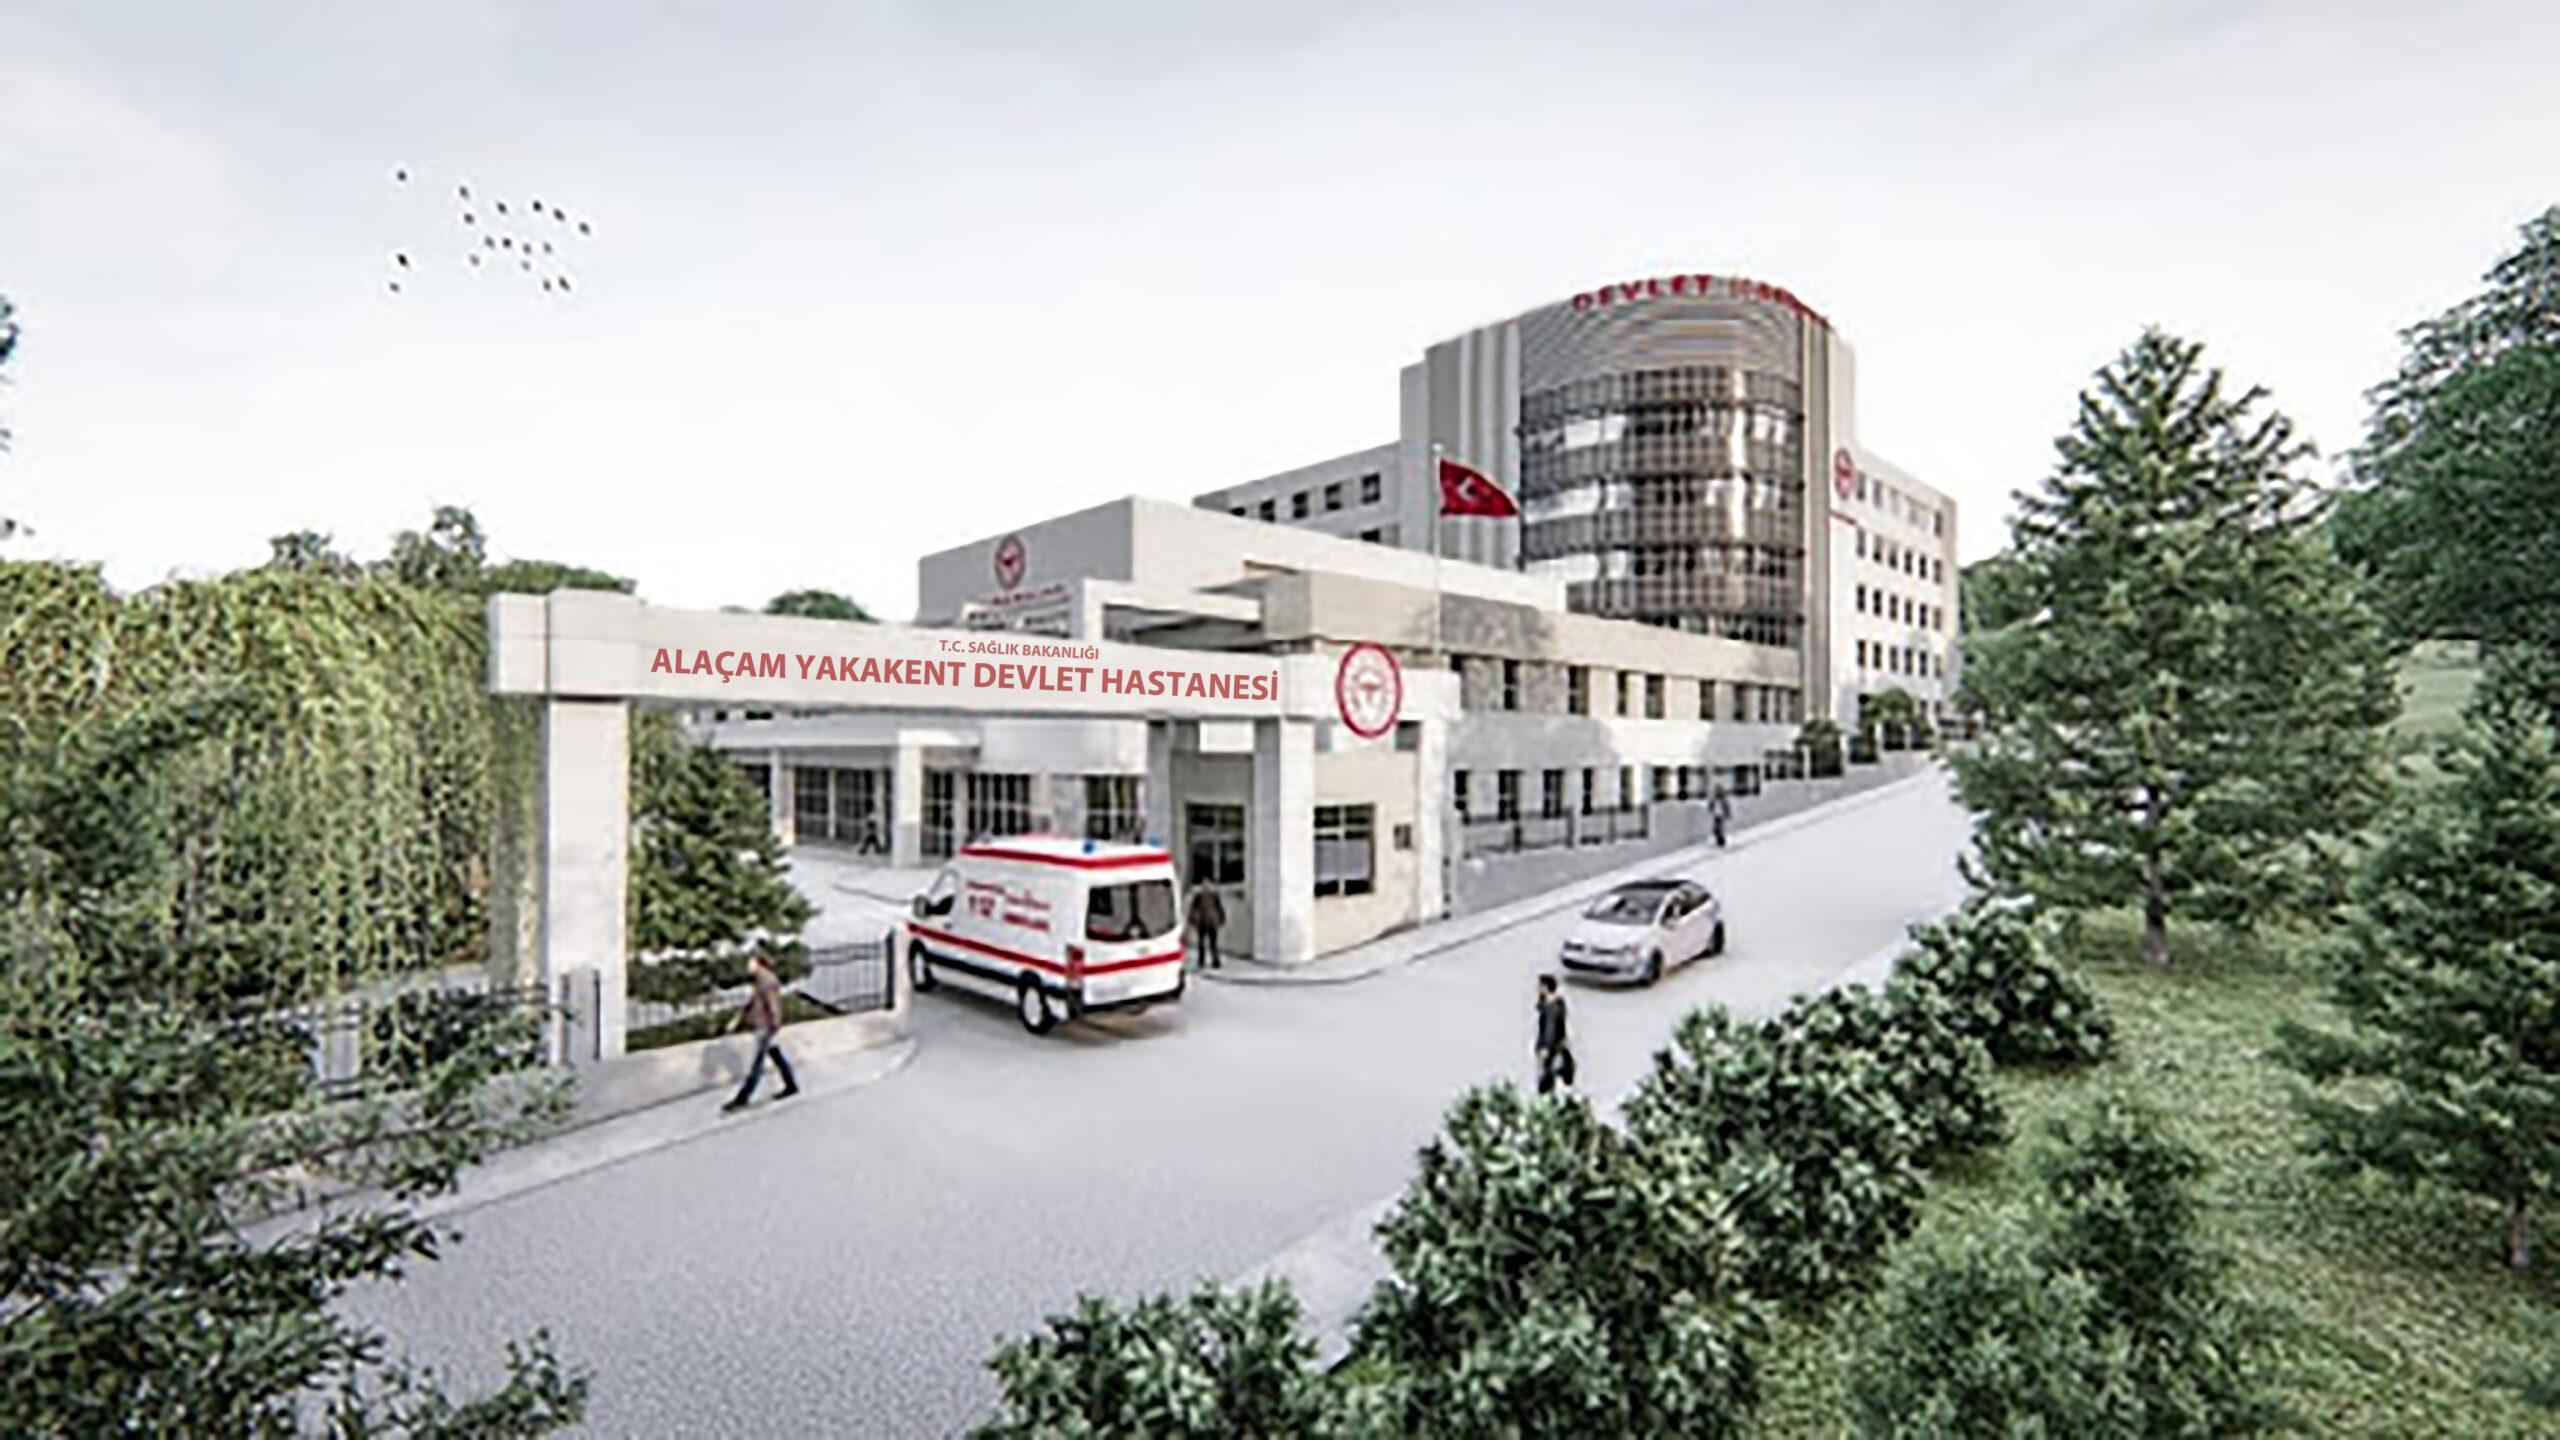 Alaçam Yakakent Devlet Hastanesinin ihalesi 22 Şubat 2021 tarihinde yapılacak